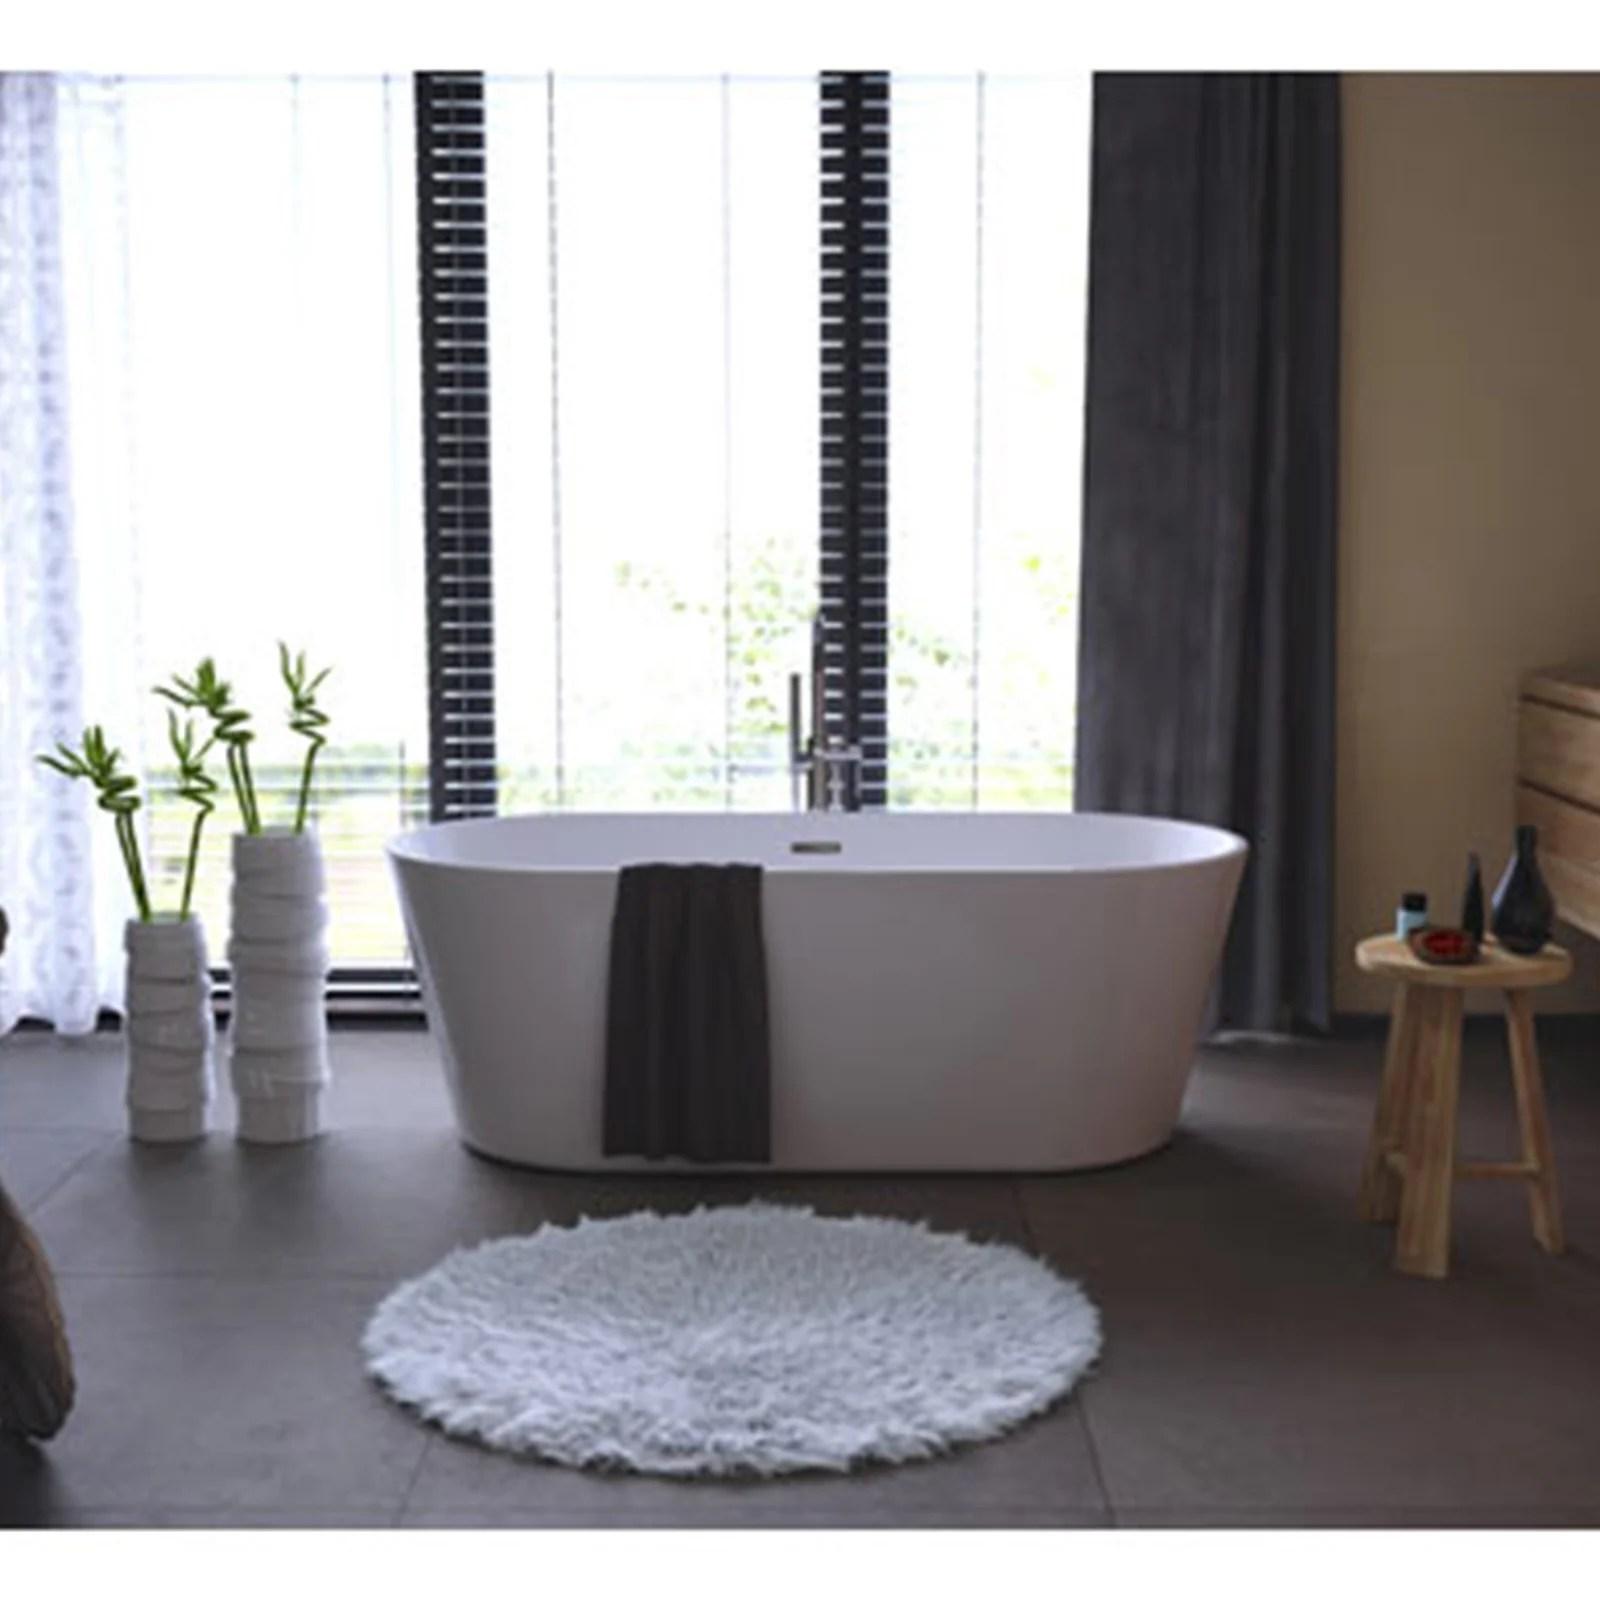 baignoire ilot l 80 x l 170 cm blanc anna balneo